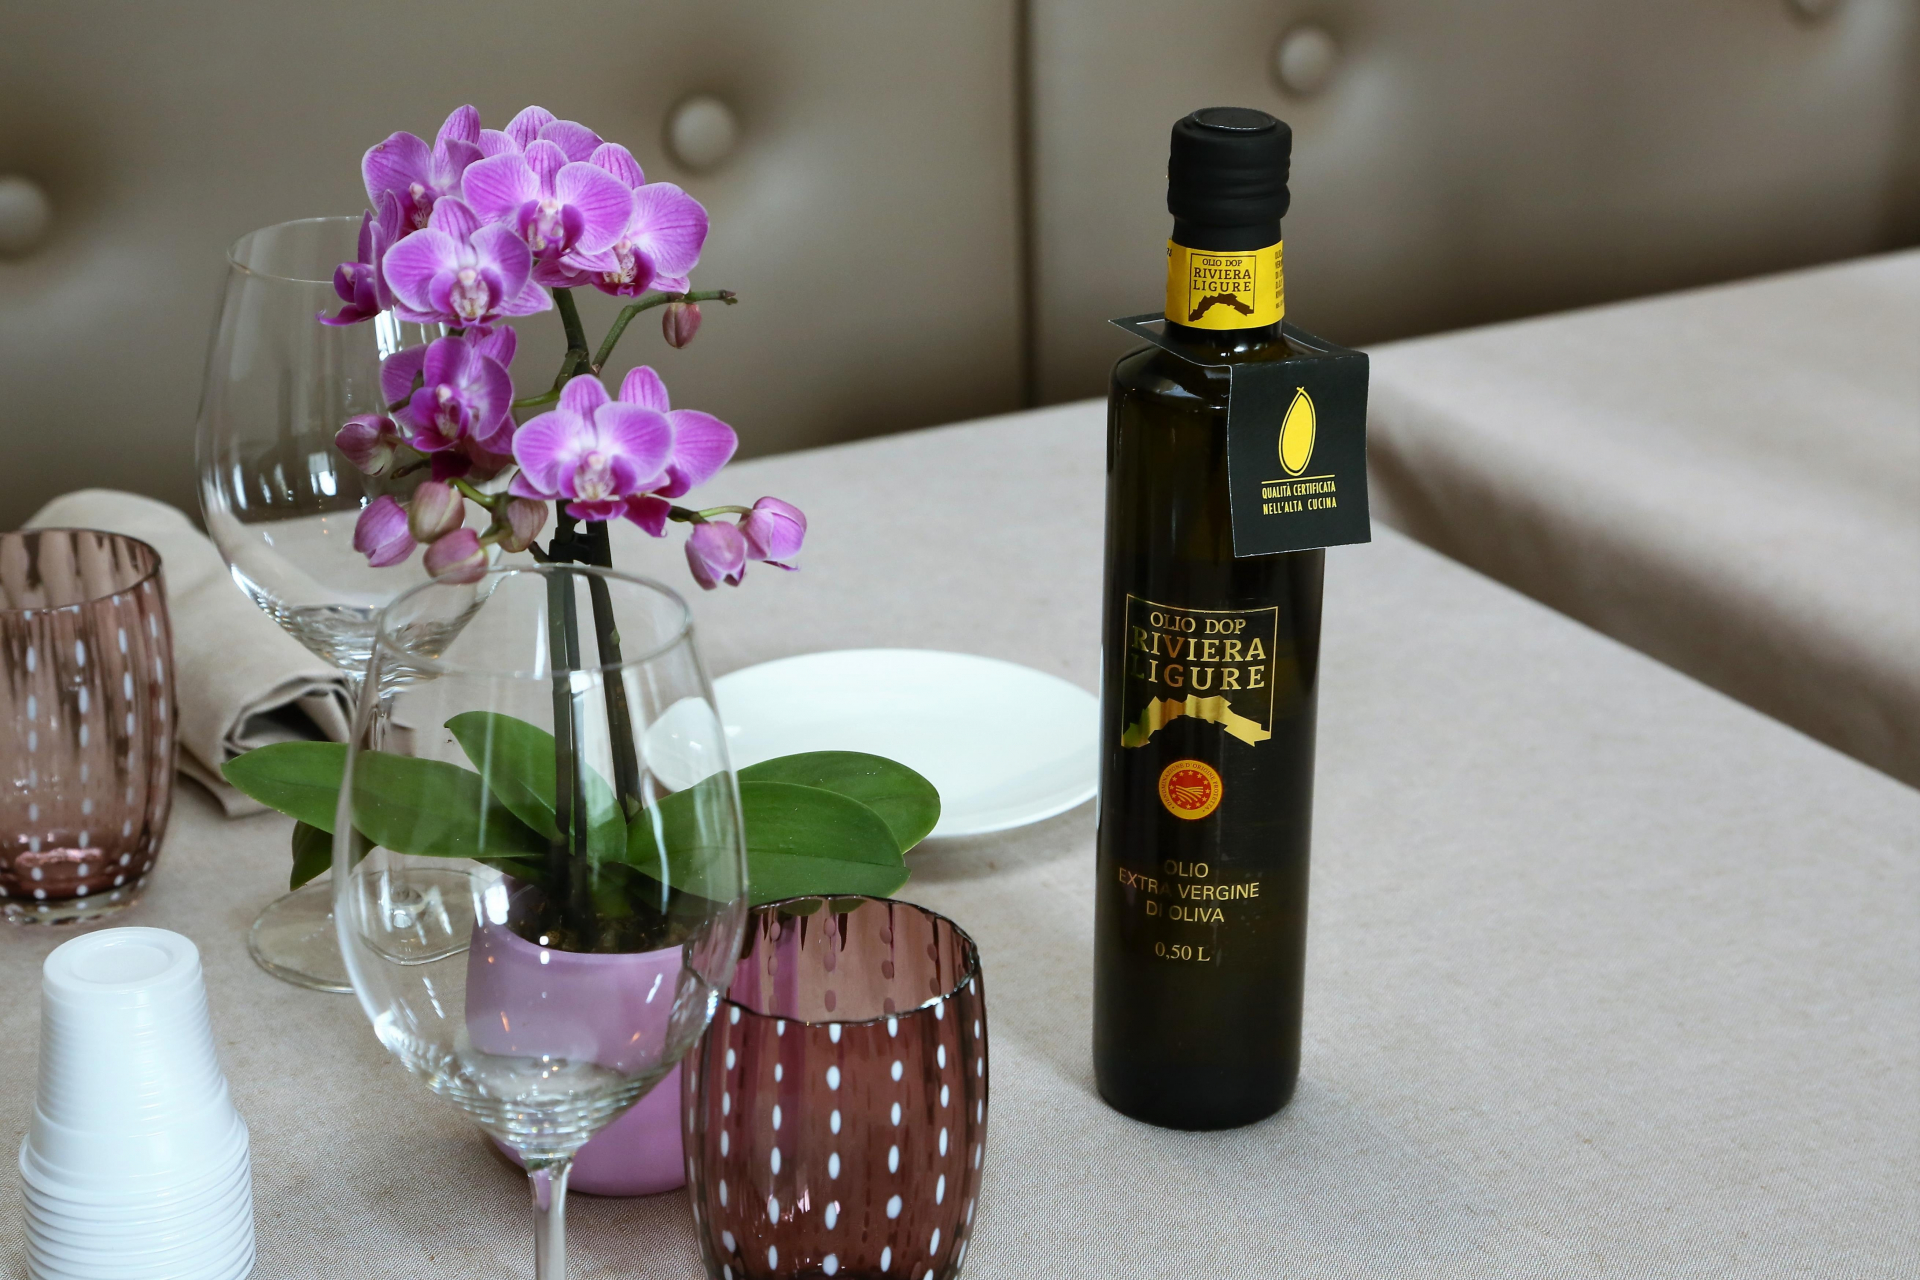 Storie d'olio in Liguria